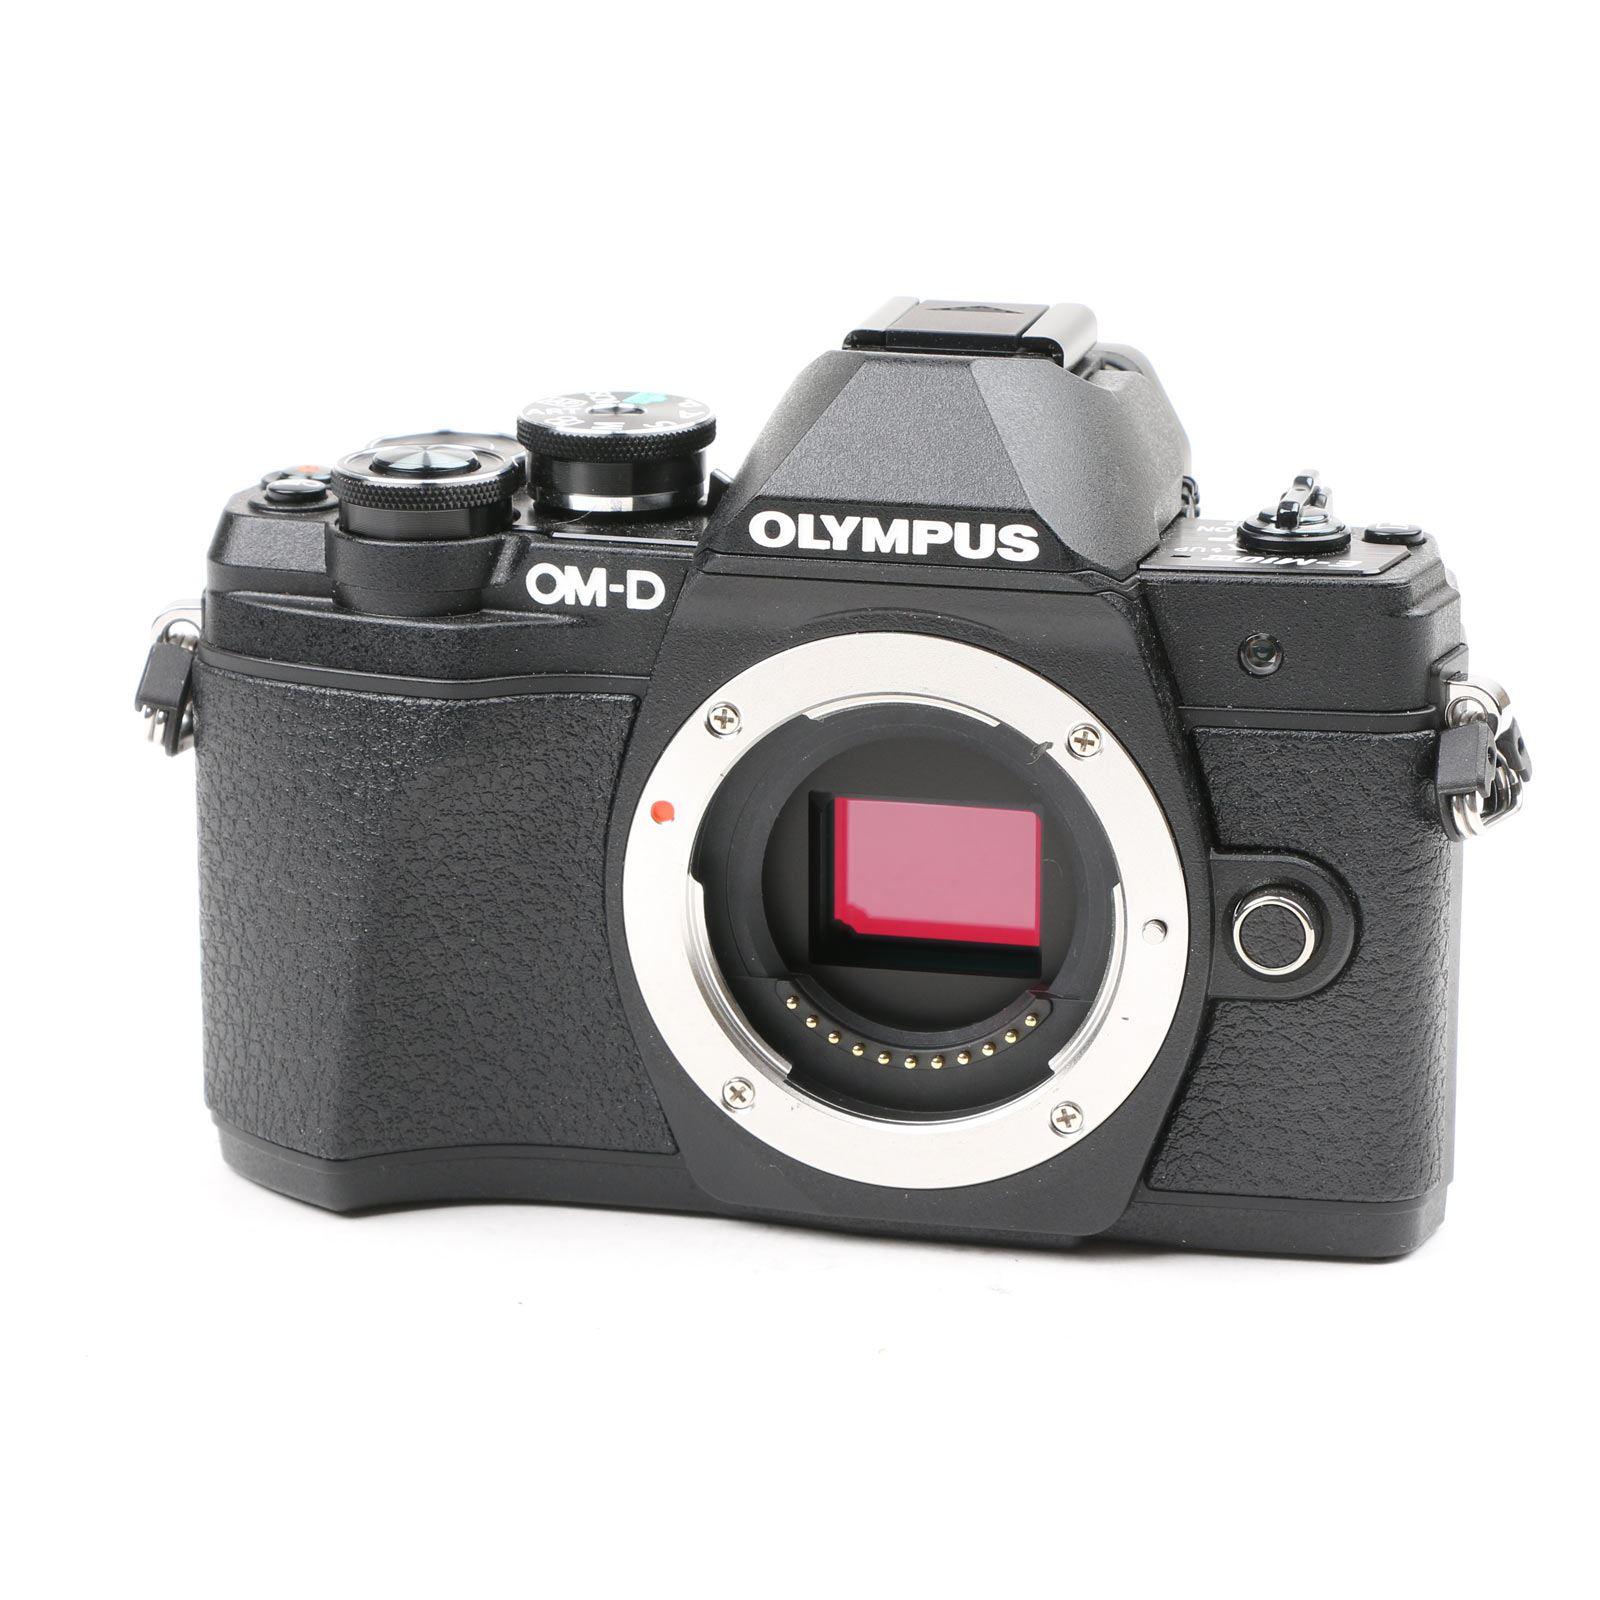 USED Olympus OM-D E-M10 Mark III Digital Camera Body - Black